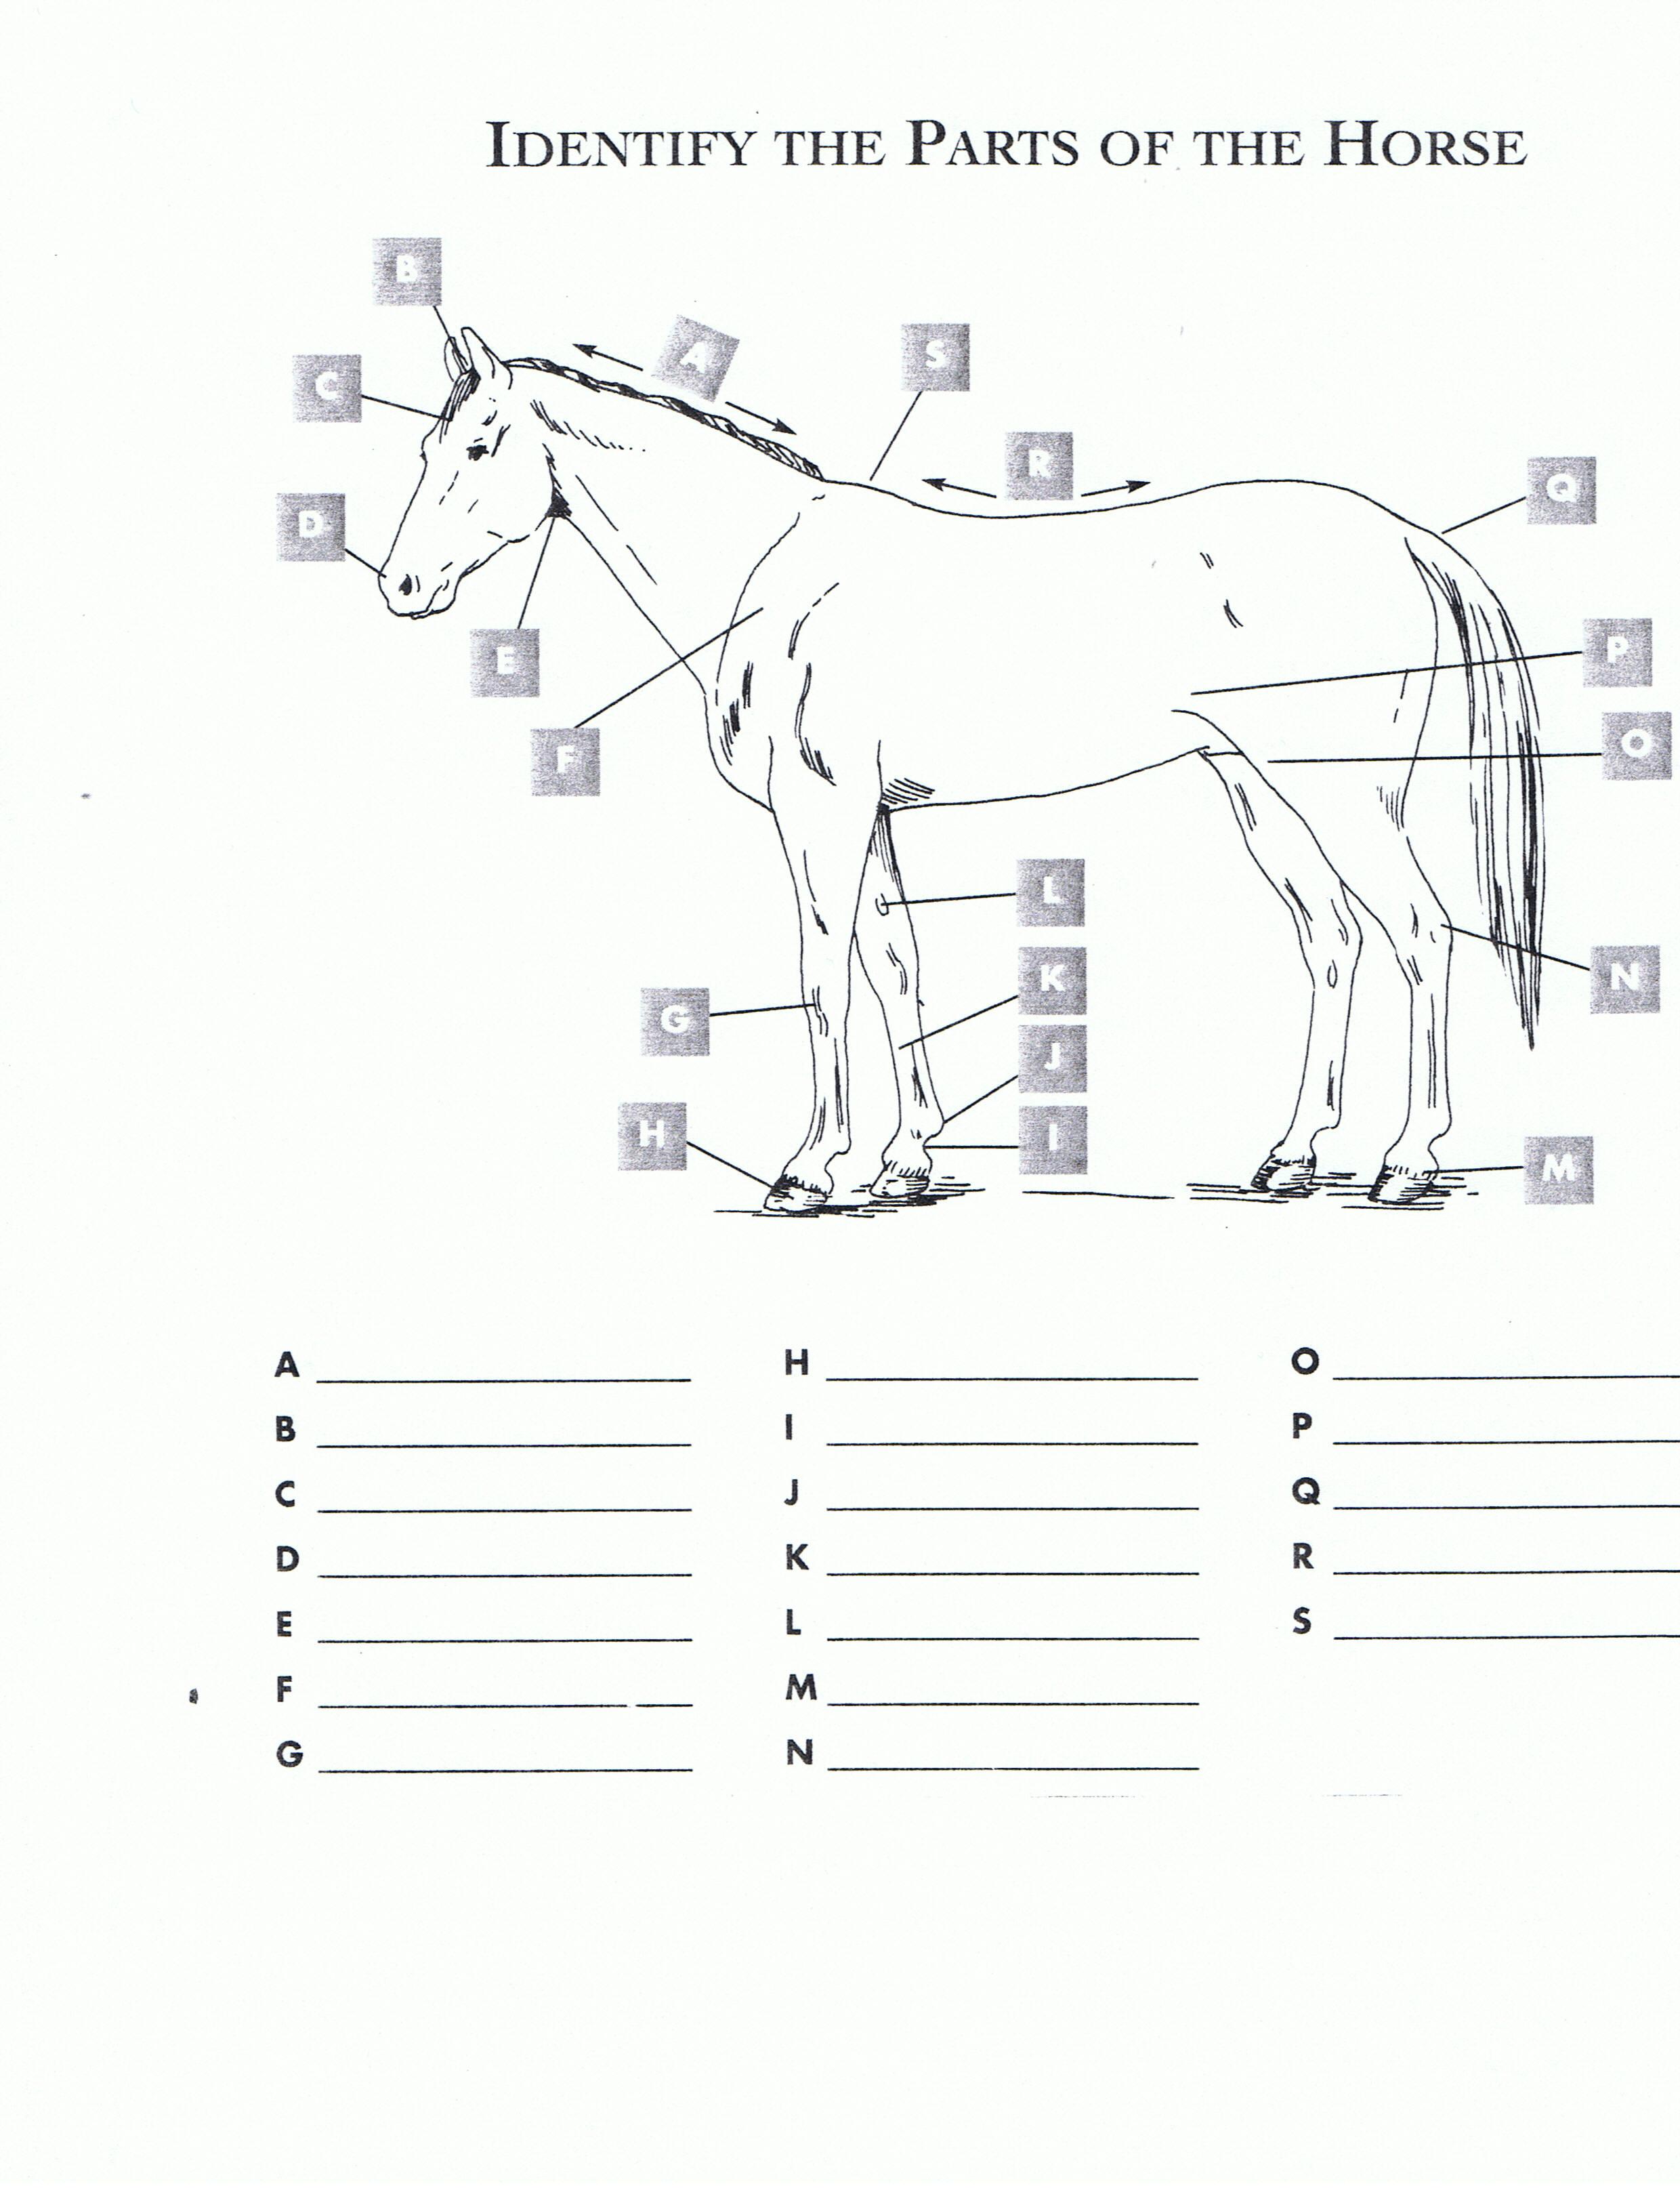 Horse saddle parts quiz best image konpax 2017 horse saddle parts quiz best image konpax 2017 pooptronica